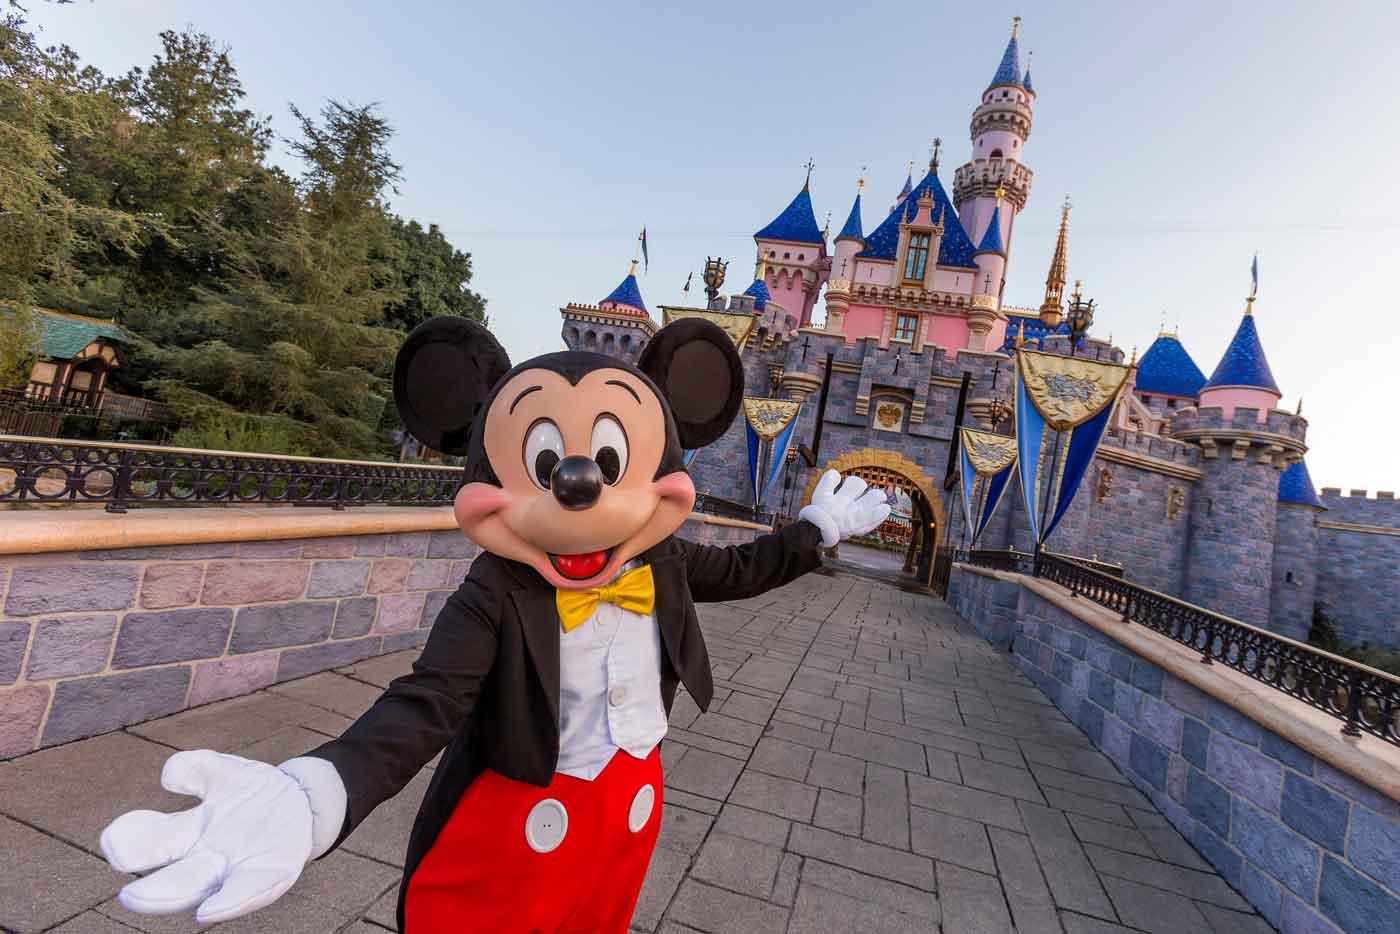 Disneyland planea reapertura para finales de abril